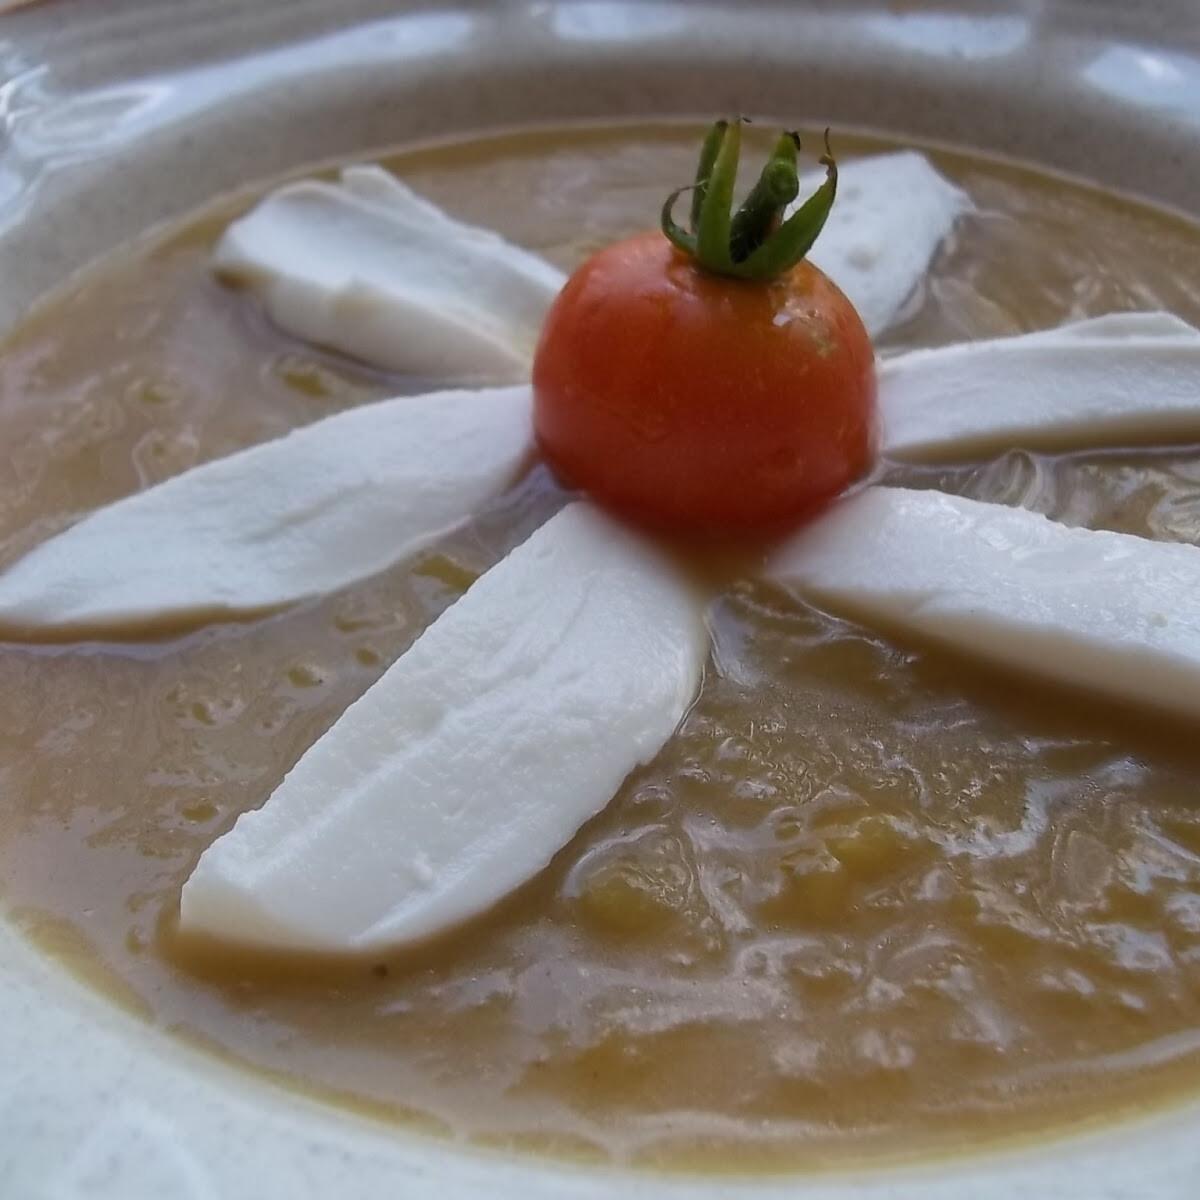 Ezen a képen: Cukkinikrémleves mozzarellával